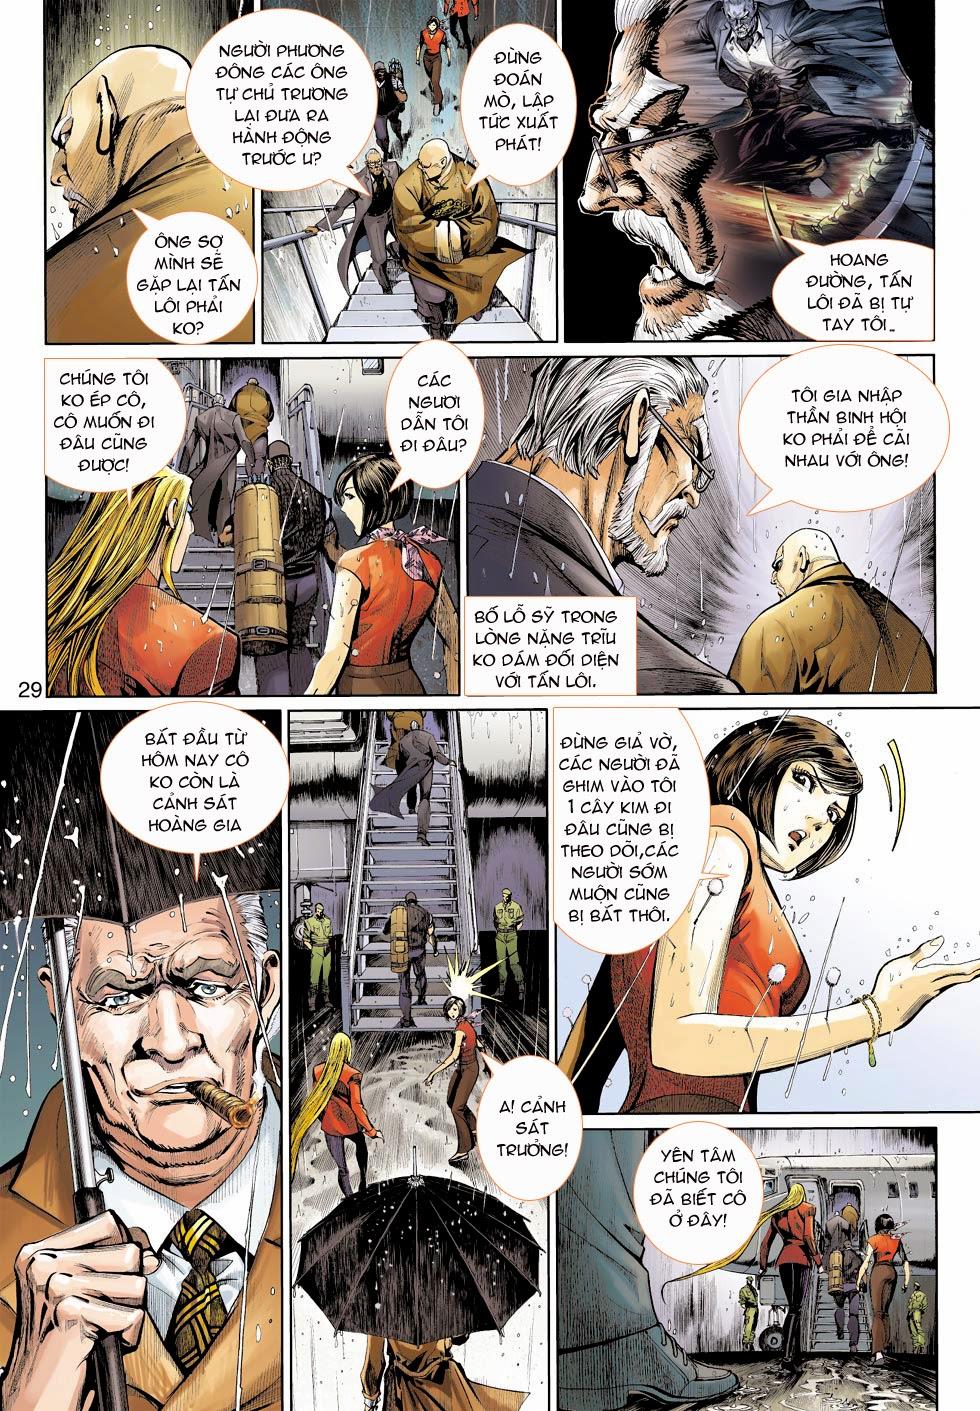 Thần Binh 4 chap 25 - Trang 31